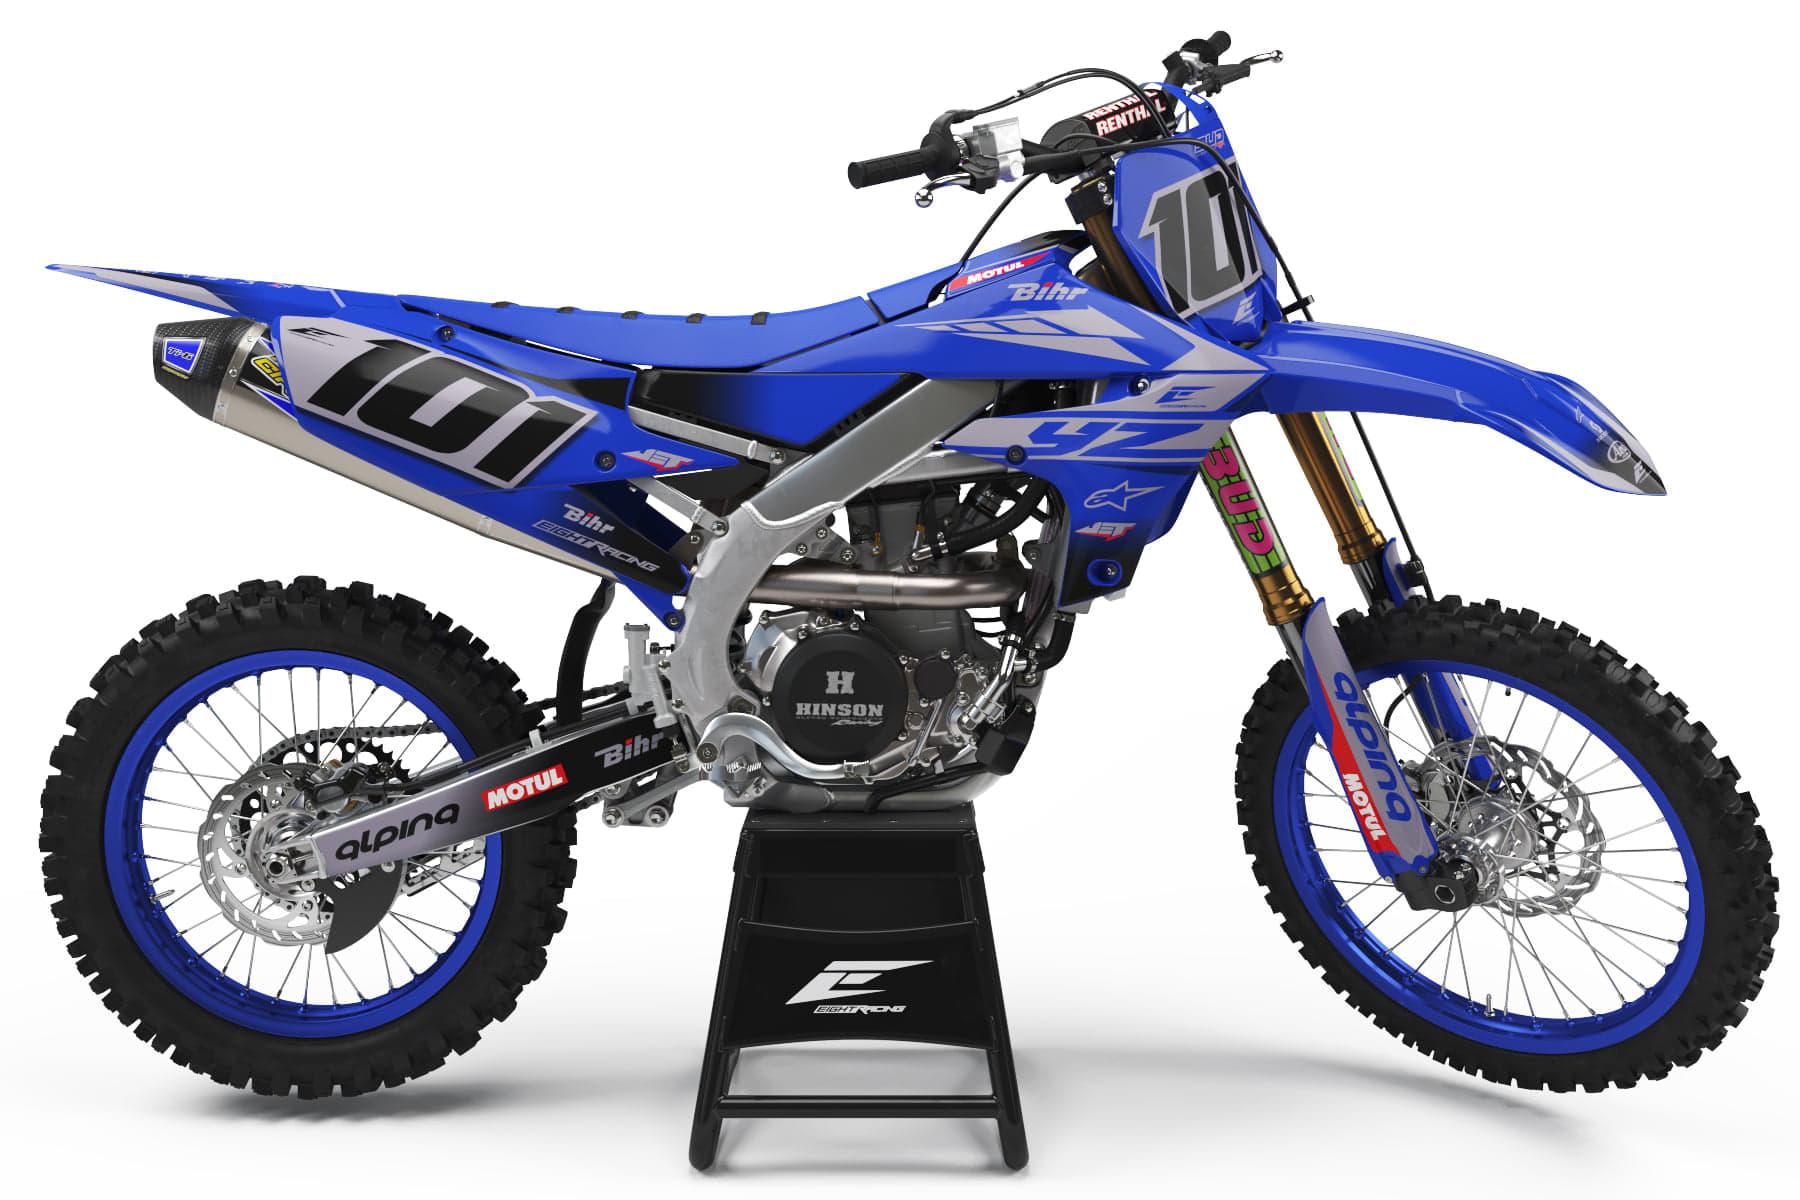 Kit Déco VDB 2020 Réplica Yamaha 250 YZF